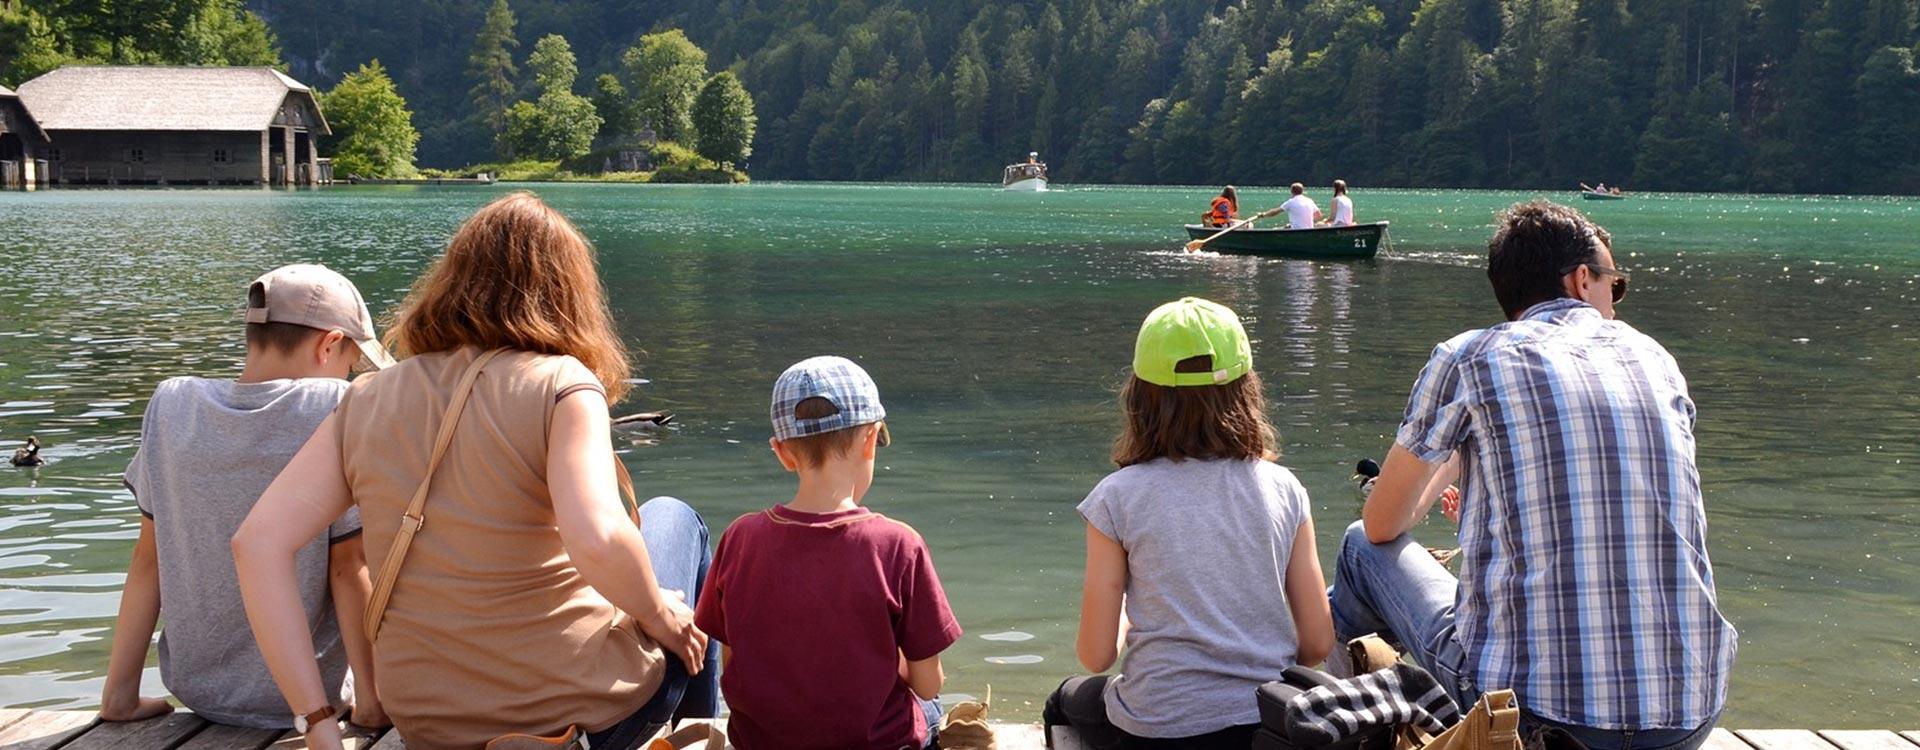 famille assise au bord de l'eau